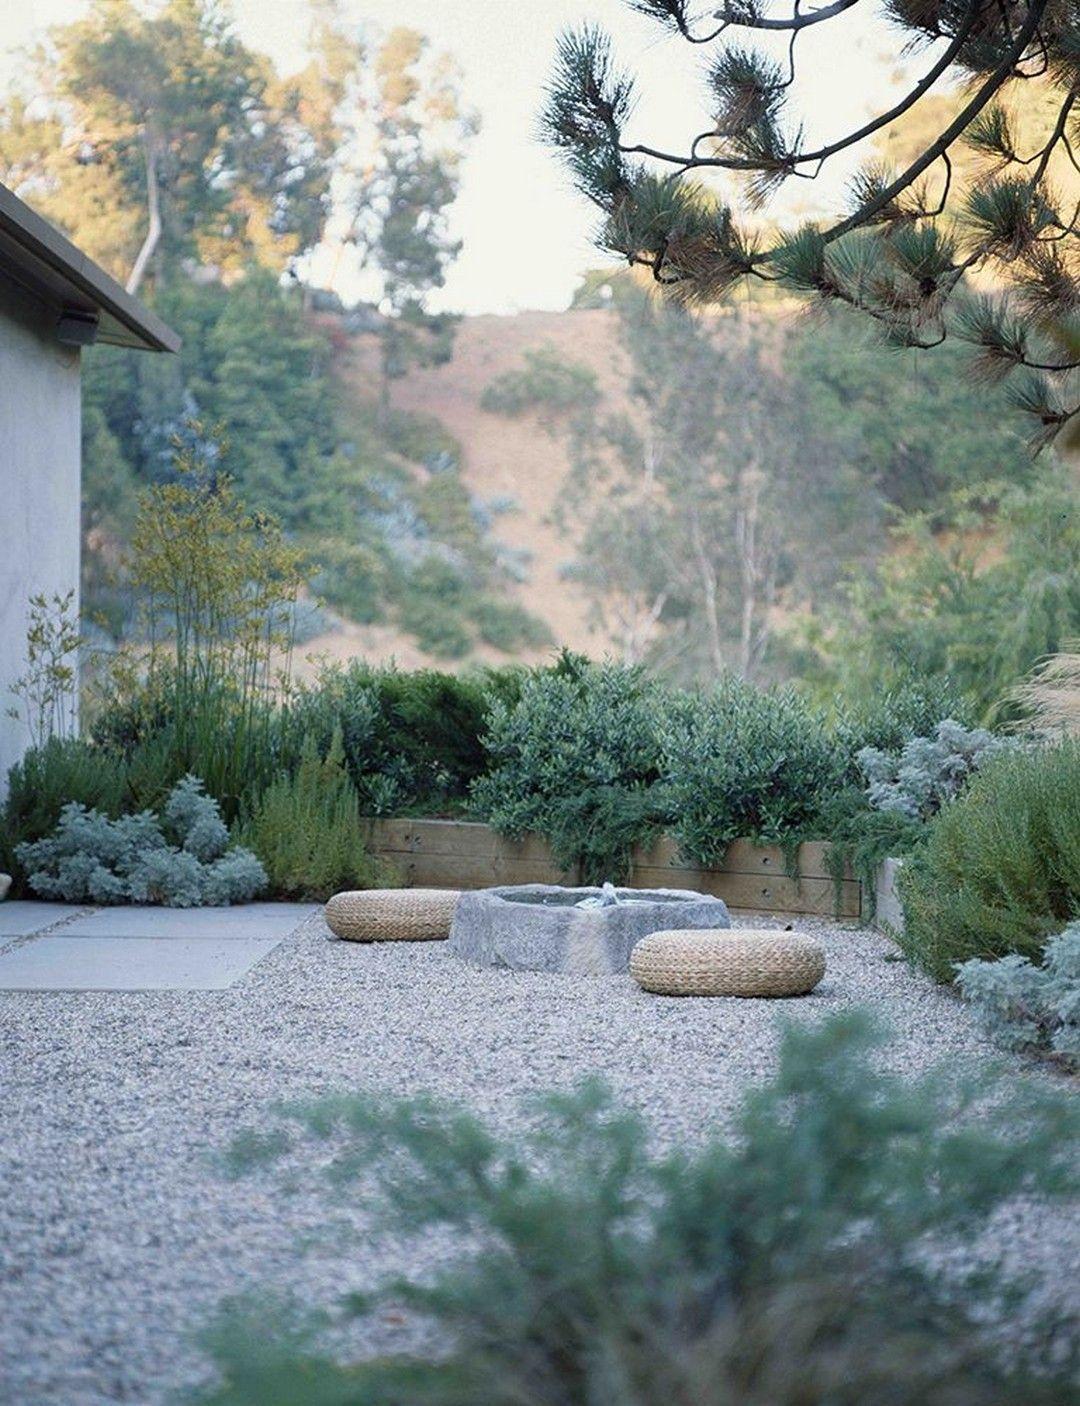 Mediterranean Gardens Ideas 16 modern landscaping mediterranean garden ideas httpswww 16 modern landscaping mediterranean garden ideas httpsonechitecture workwithnaturefo